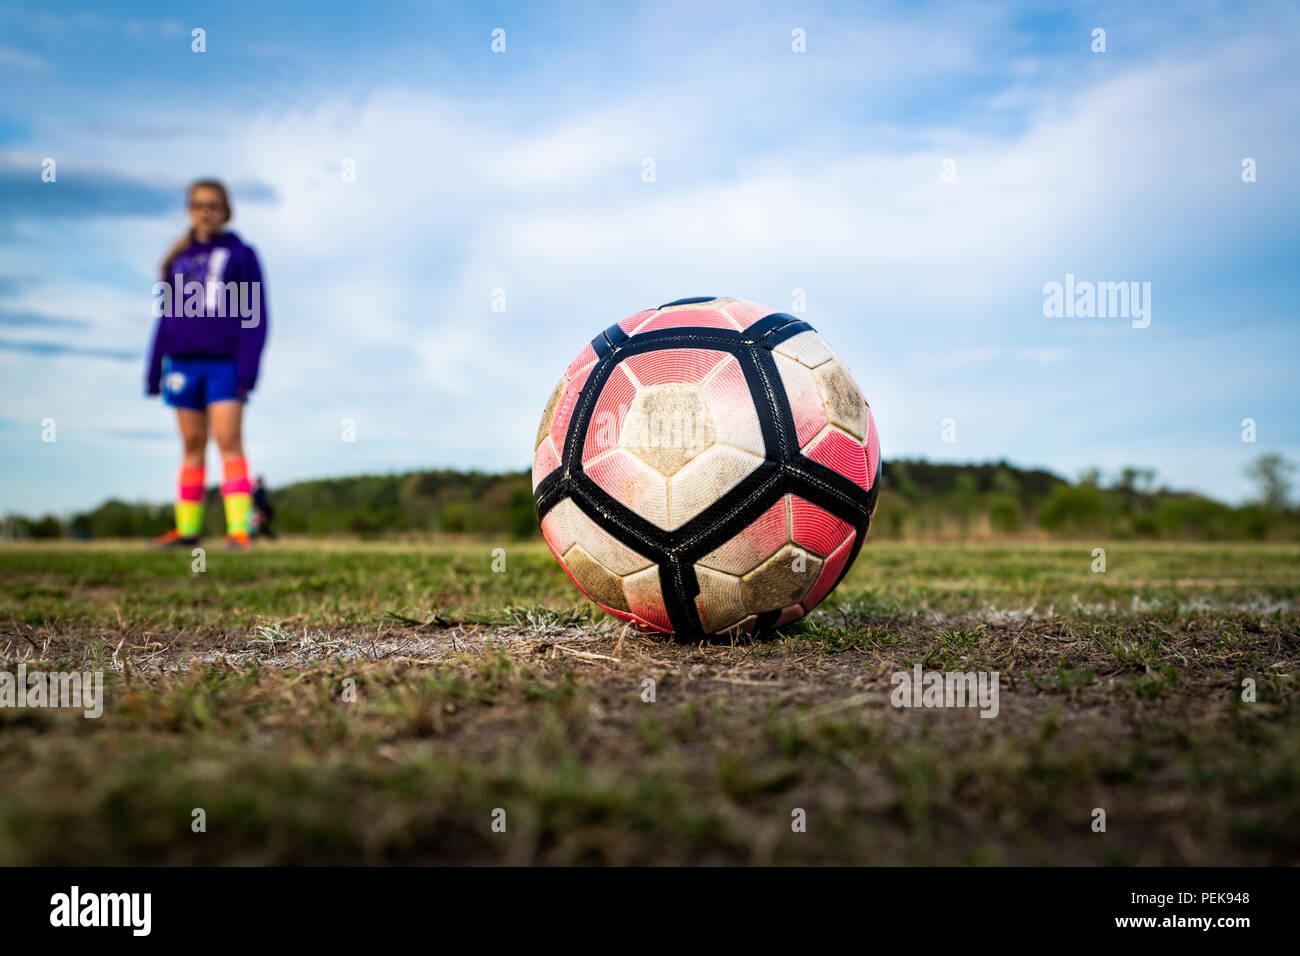 Una giovane ragazza sta dietro un pallone da calcio, preparazione di kick it. Concetti: sport giovanile, atleta, focus, preparazione pratica, intensità, aspirazione, Immagini Stock